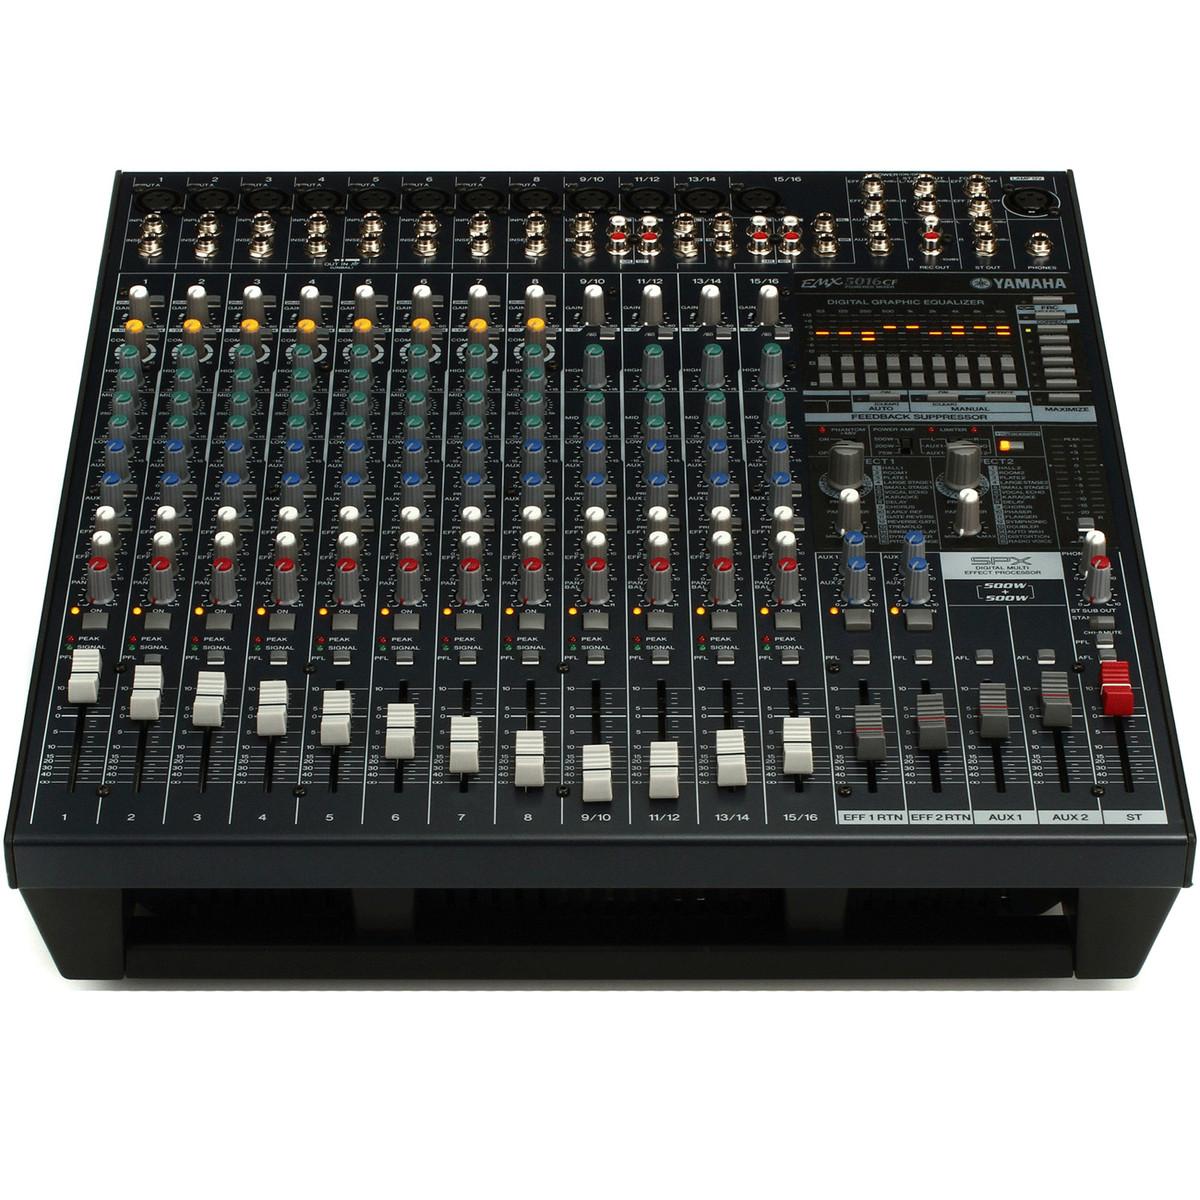 Yamaha emx5016cf 500w 500w stereo powered mixer at for Yamaha powered mixers